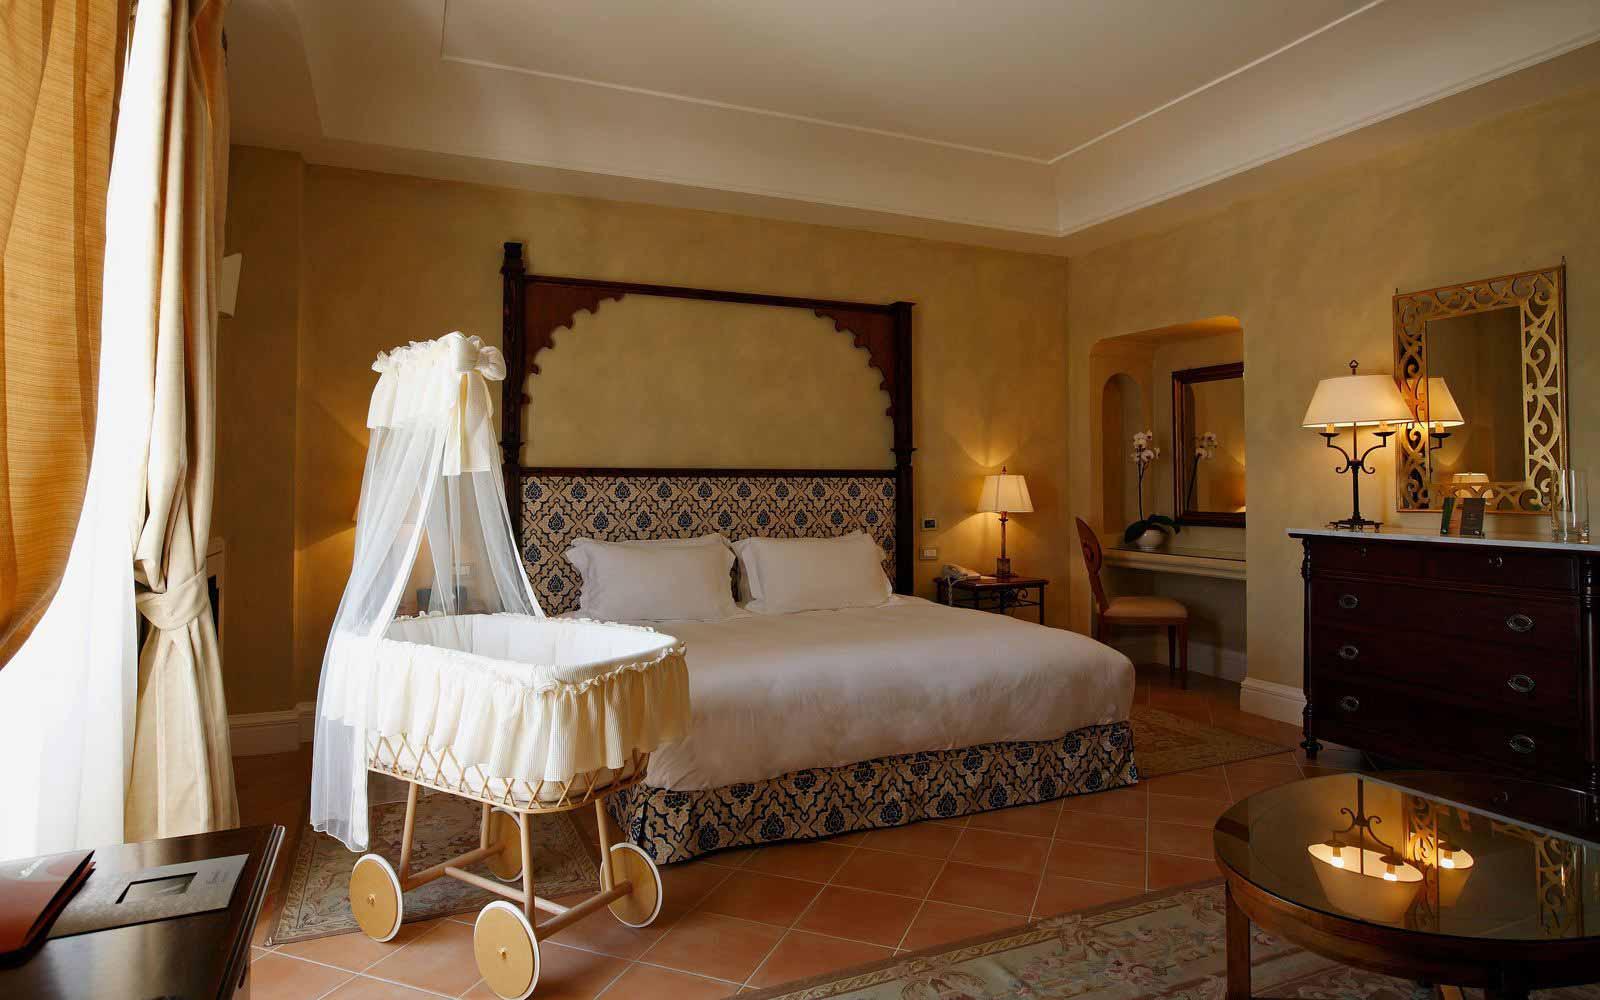 Family room at Hotel Giardino di Costanza